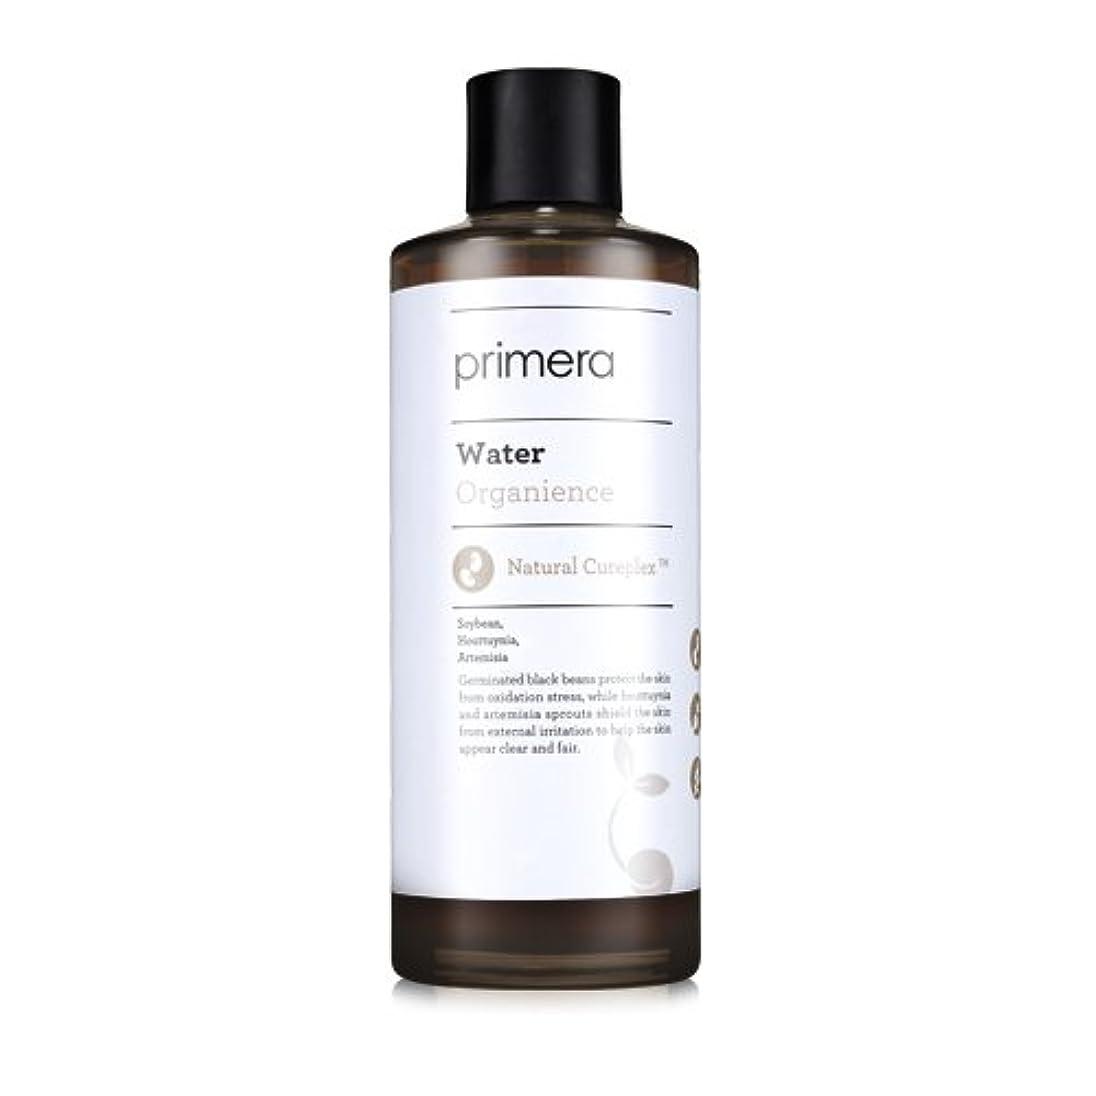 くつろぎ細いメンターPRIMERA プリメラ オーガニエンス ウォーター(Organience Water)化粧水 180ml